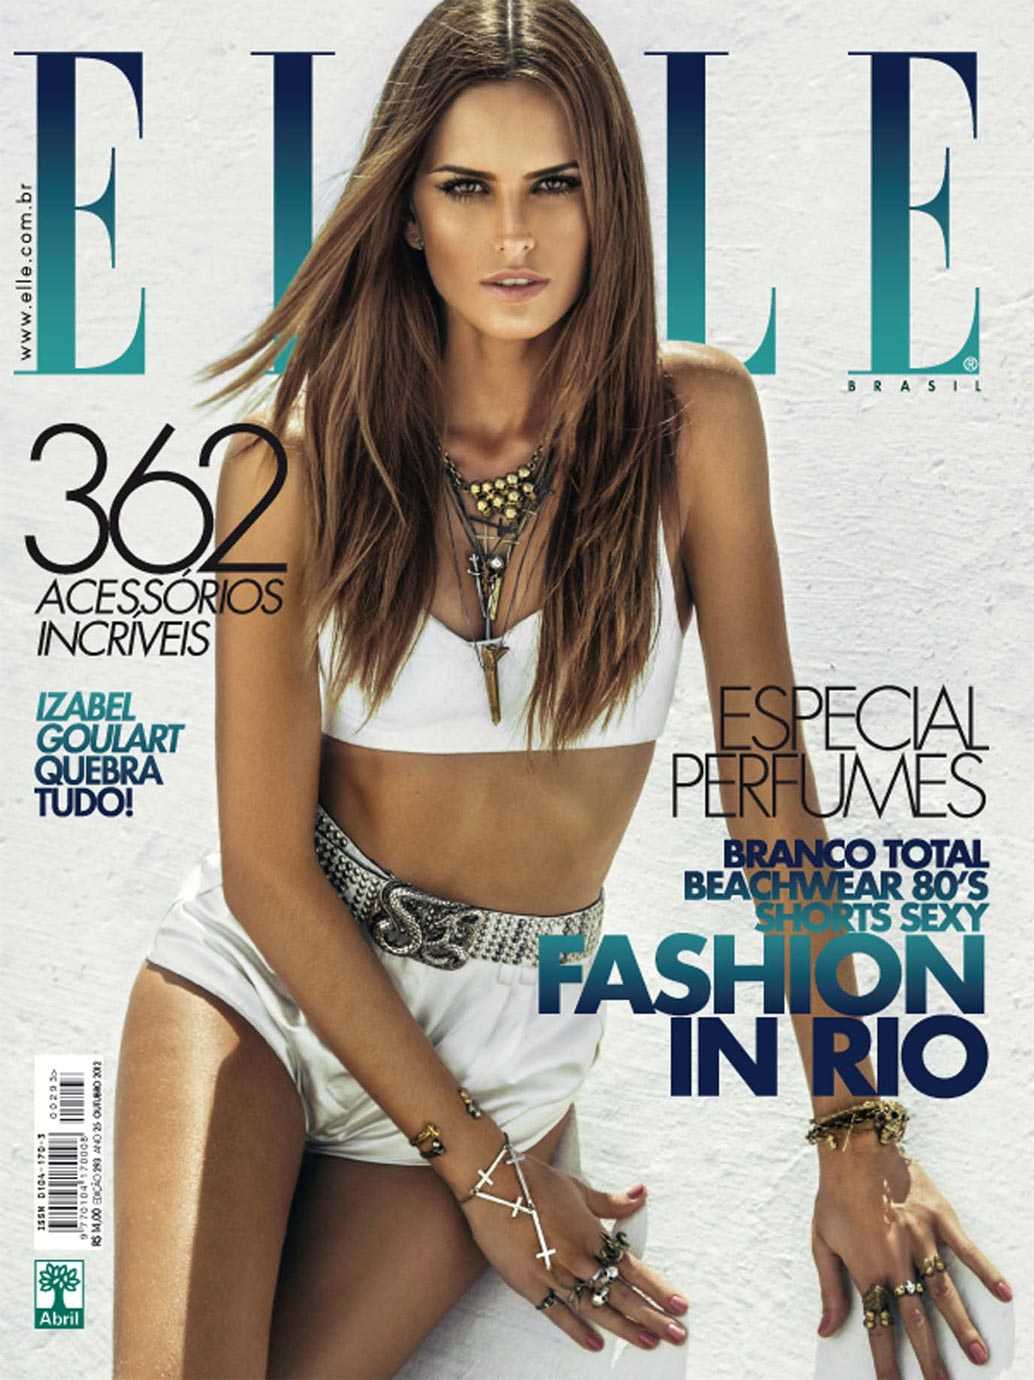 Izabel-Goulart-for-Elle-Brazil-October-2012-1